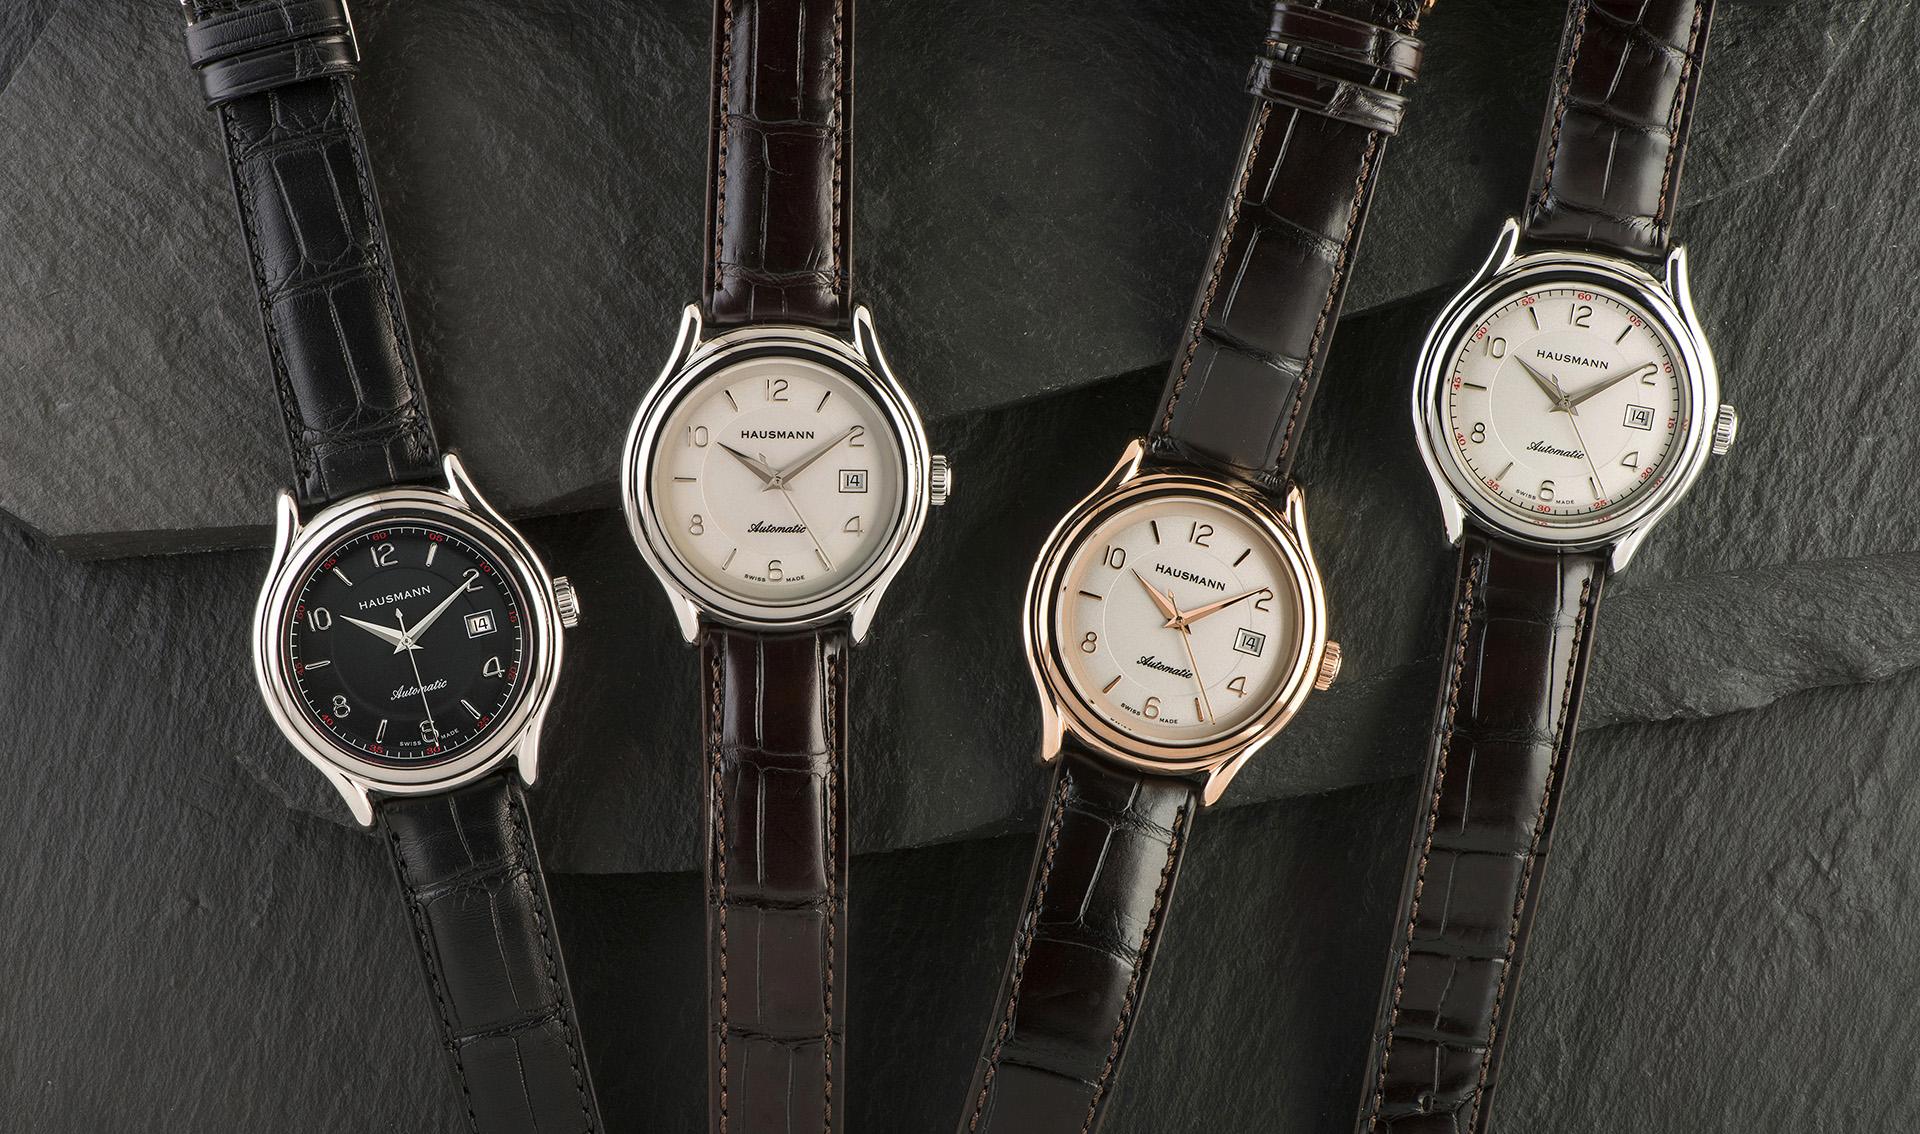 I nuovi orologi tre lancette meccanici Hausmann & Co., in acciaio o nella versione con cassa placcata in oro rosa.